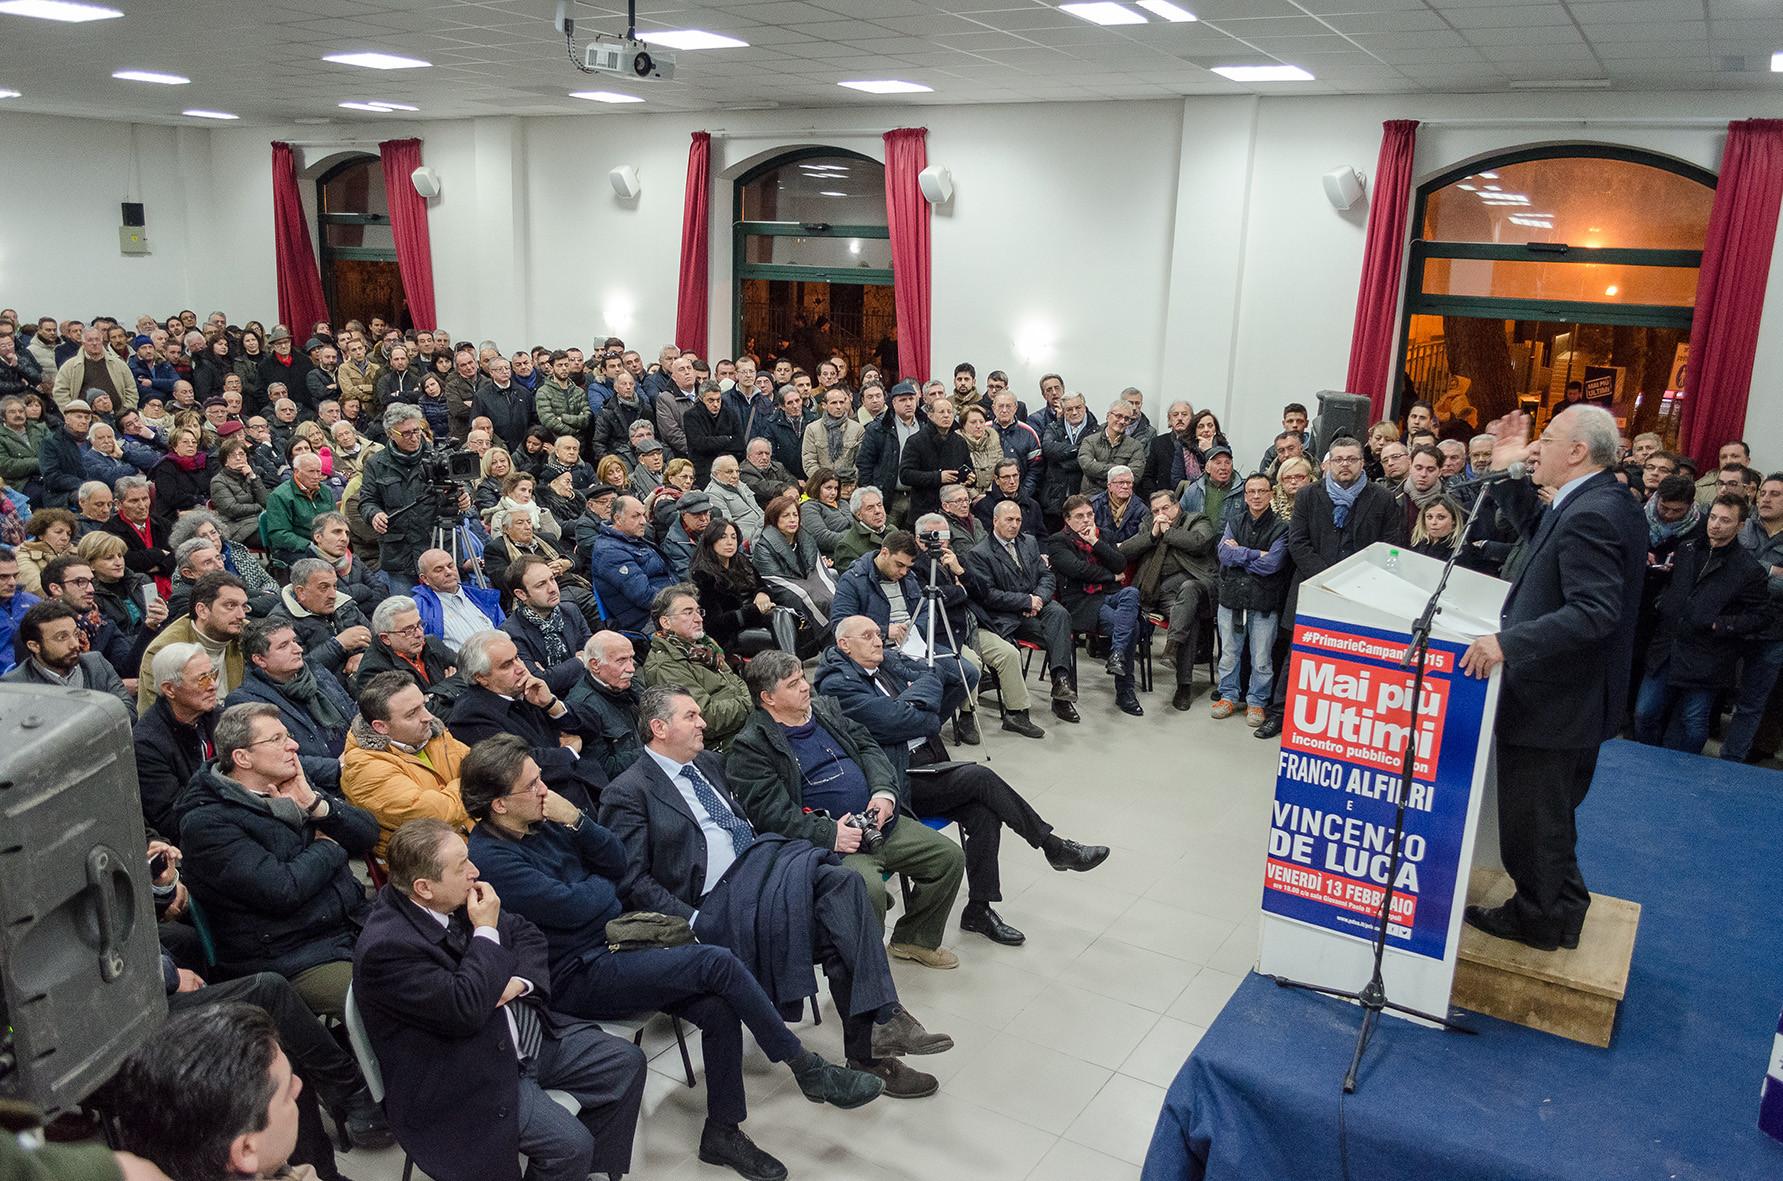 Regionali: Alfieri incontra i suoi sostenitori